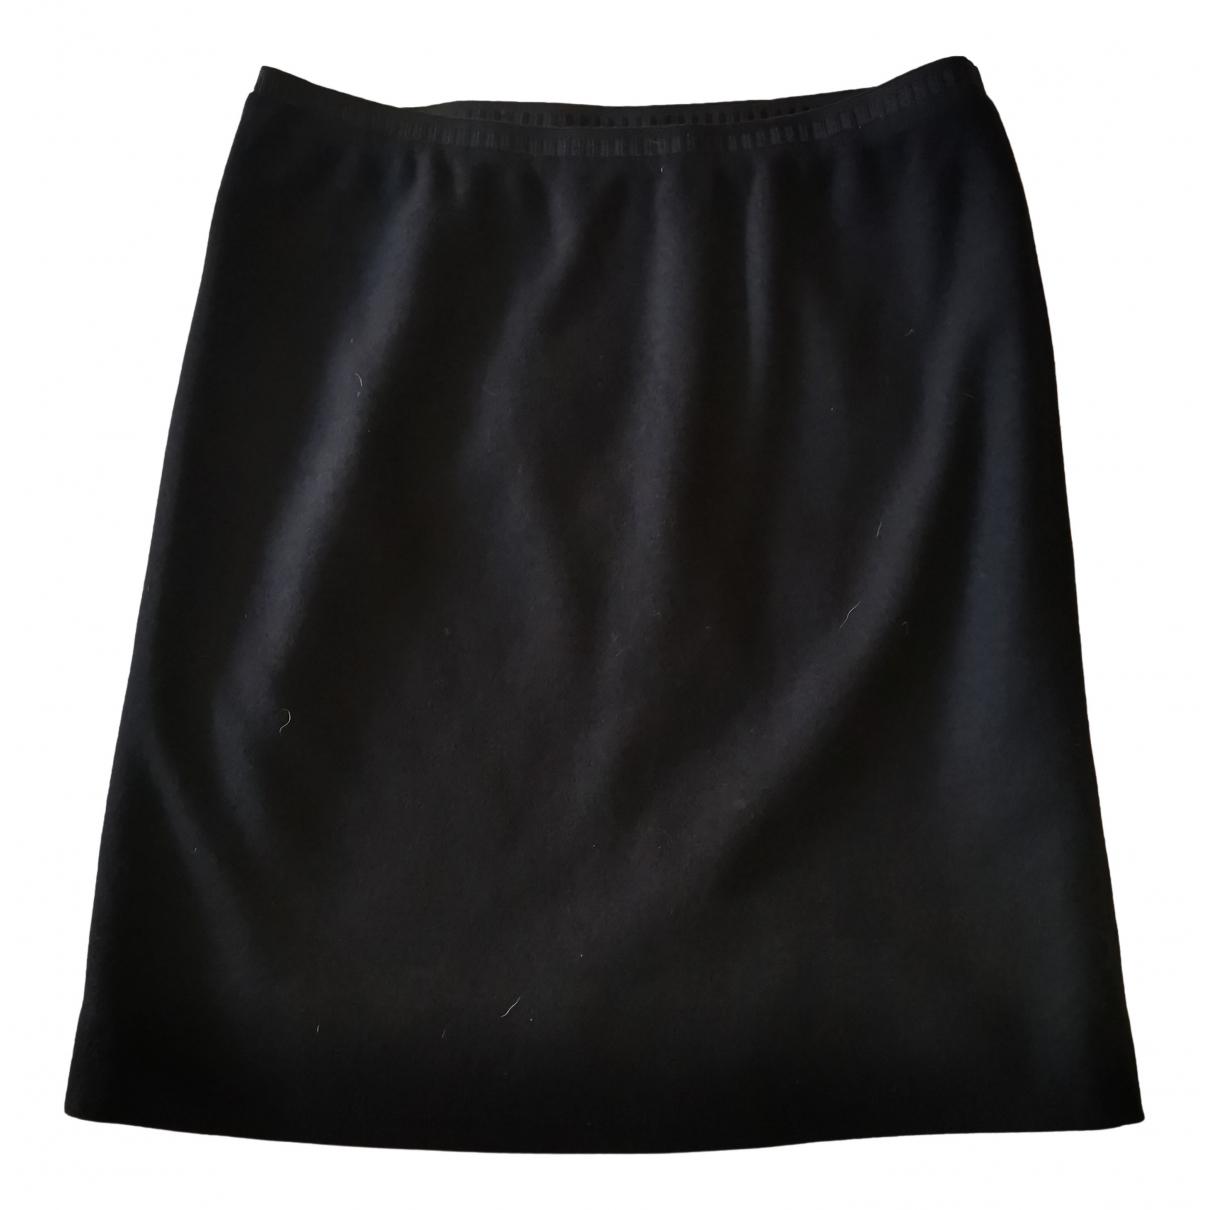 Marc Cain \N Black Wool skirt for Women 2 0-5